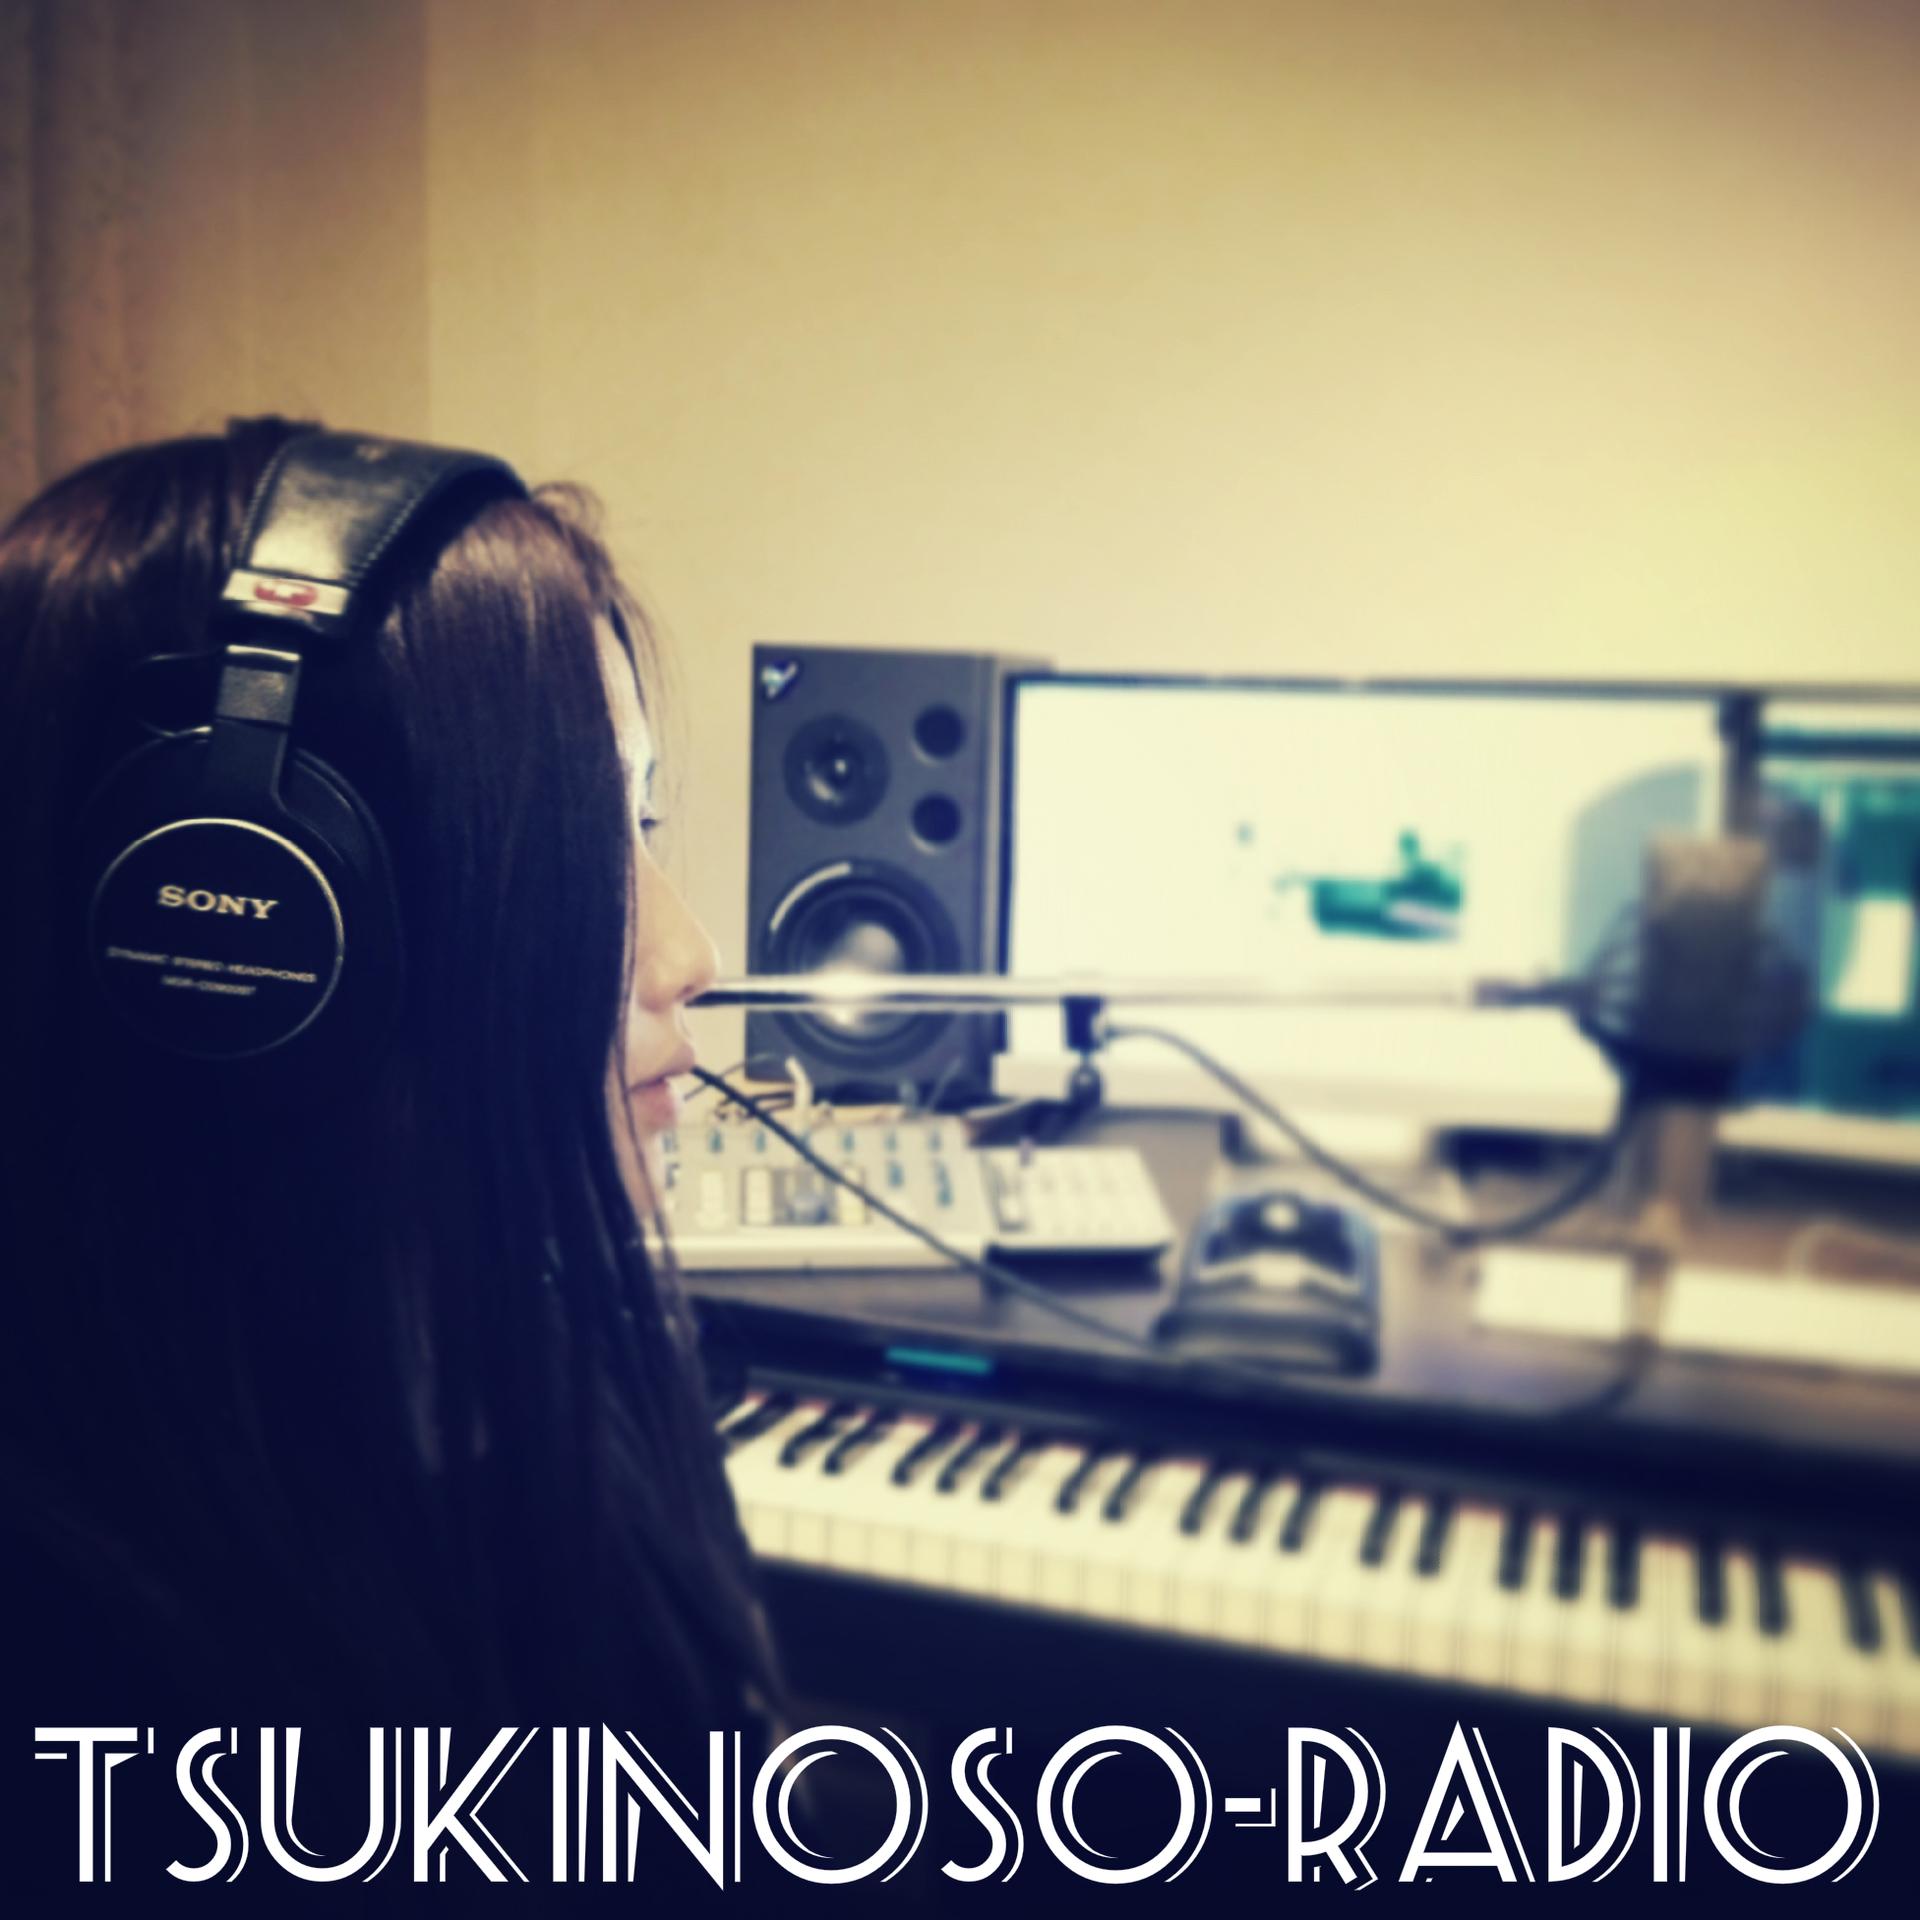 TSUKINOSO-RADIO